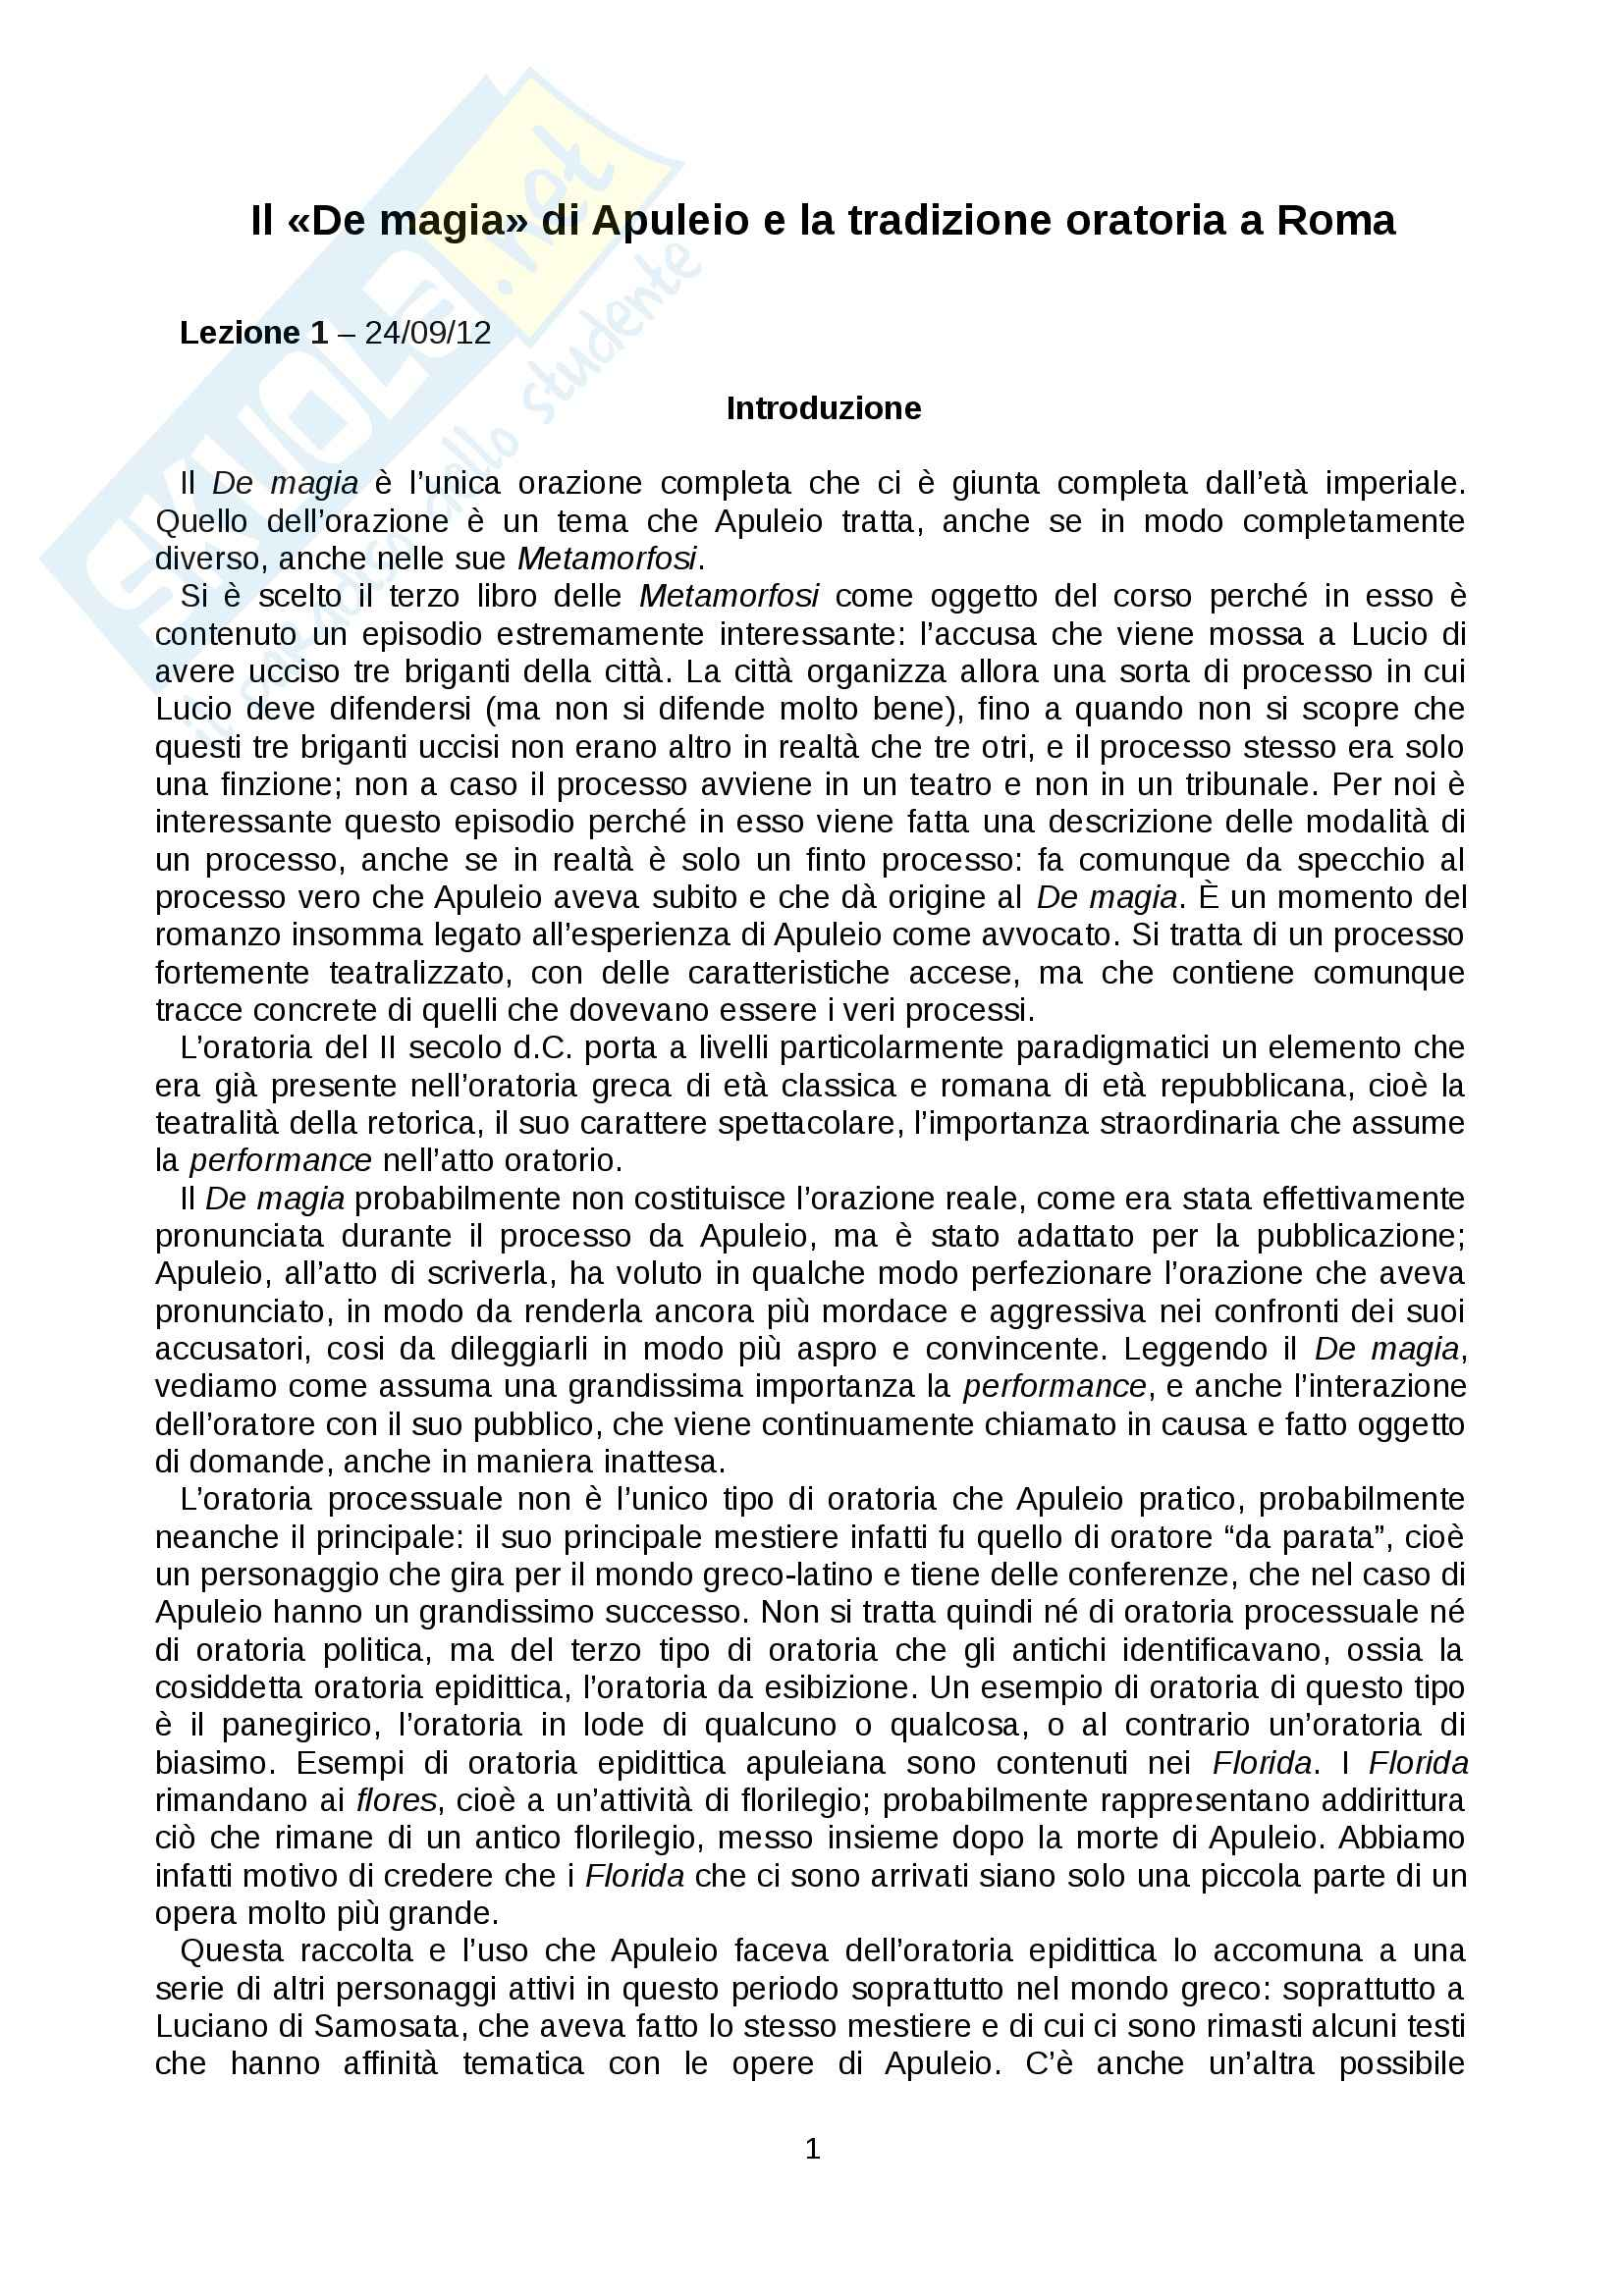 Il «De magia» di Apuleio e la tradizione oratoria a Roma, tradotto e commentato